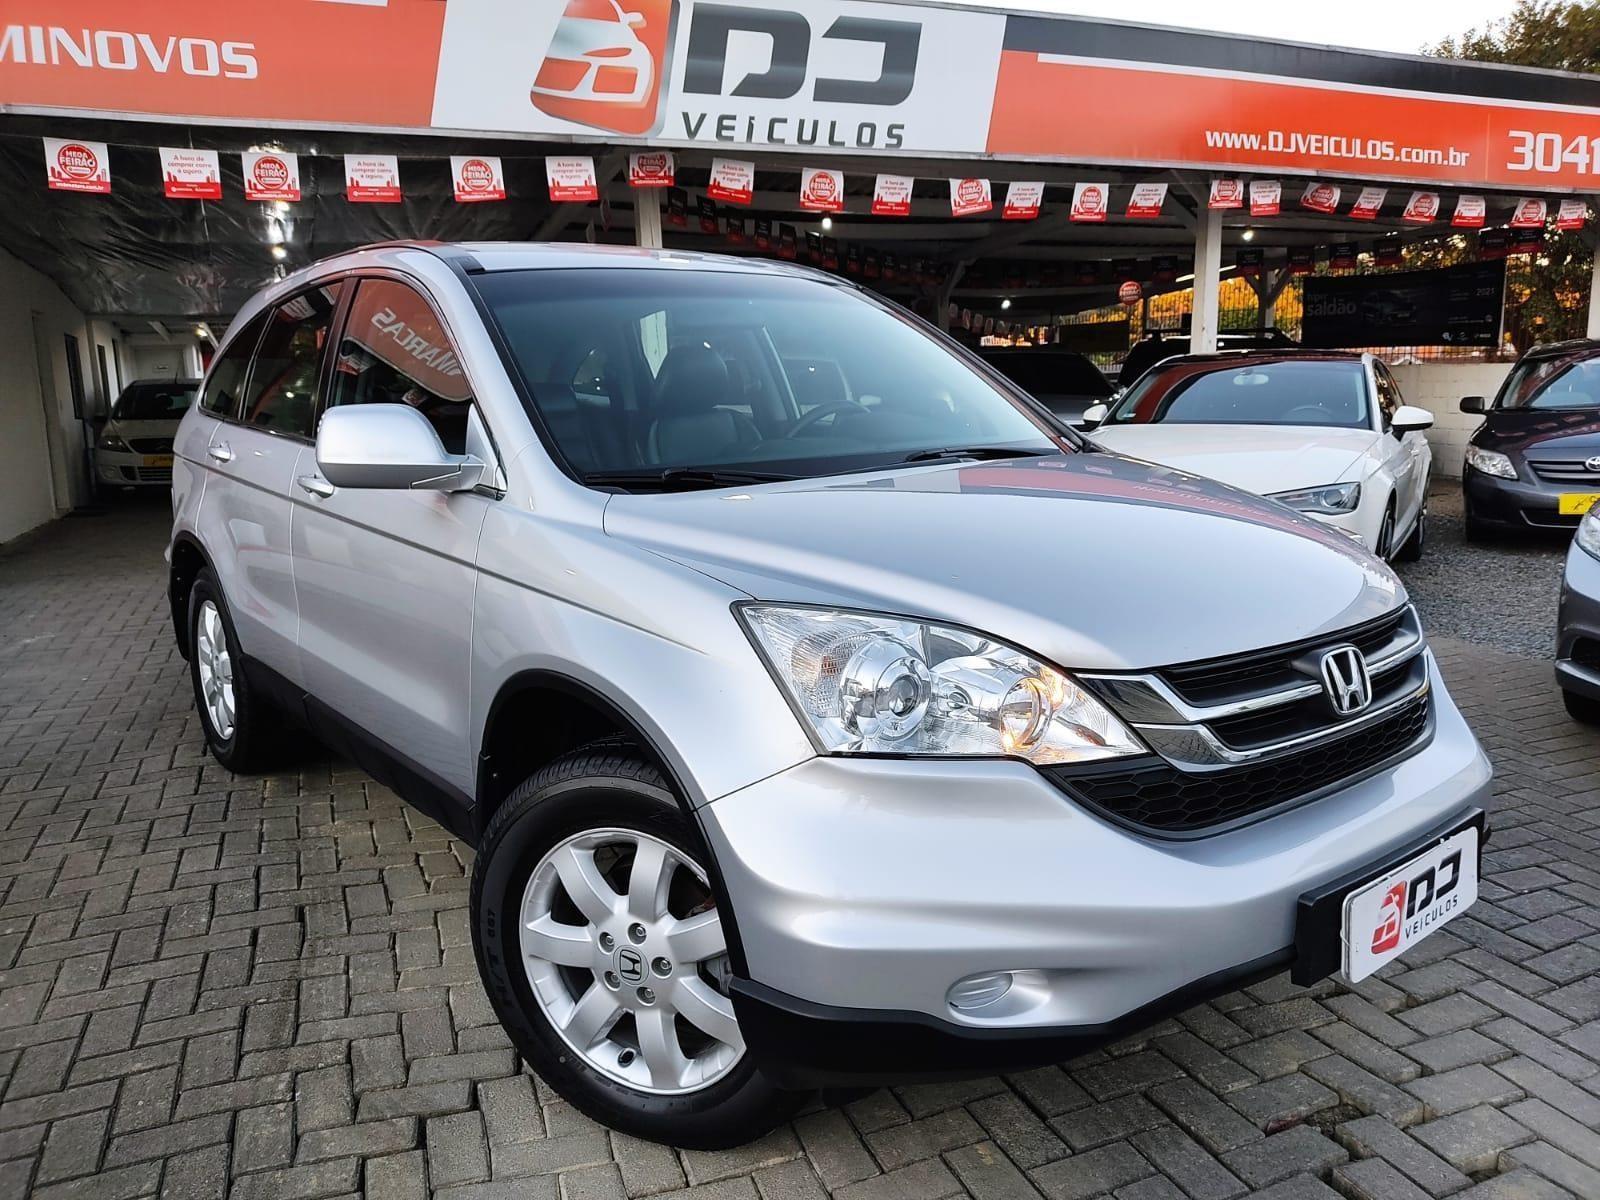 //www.autoline.com.br/carro/honda/cr-v-20-lx-16v-gasolina-4p-automatico/2011/blumenau-sc/15209775